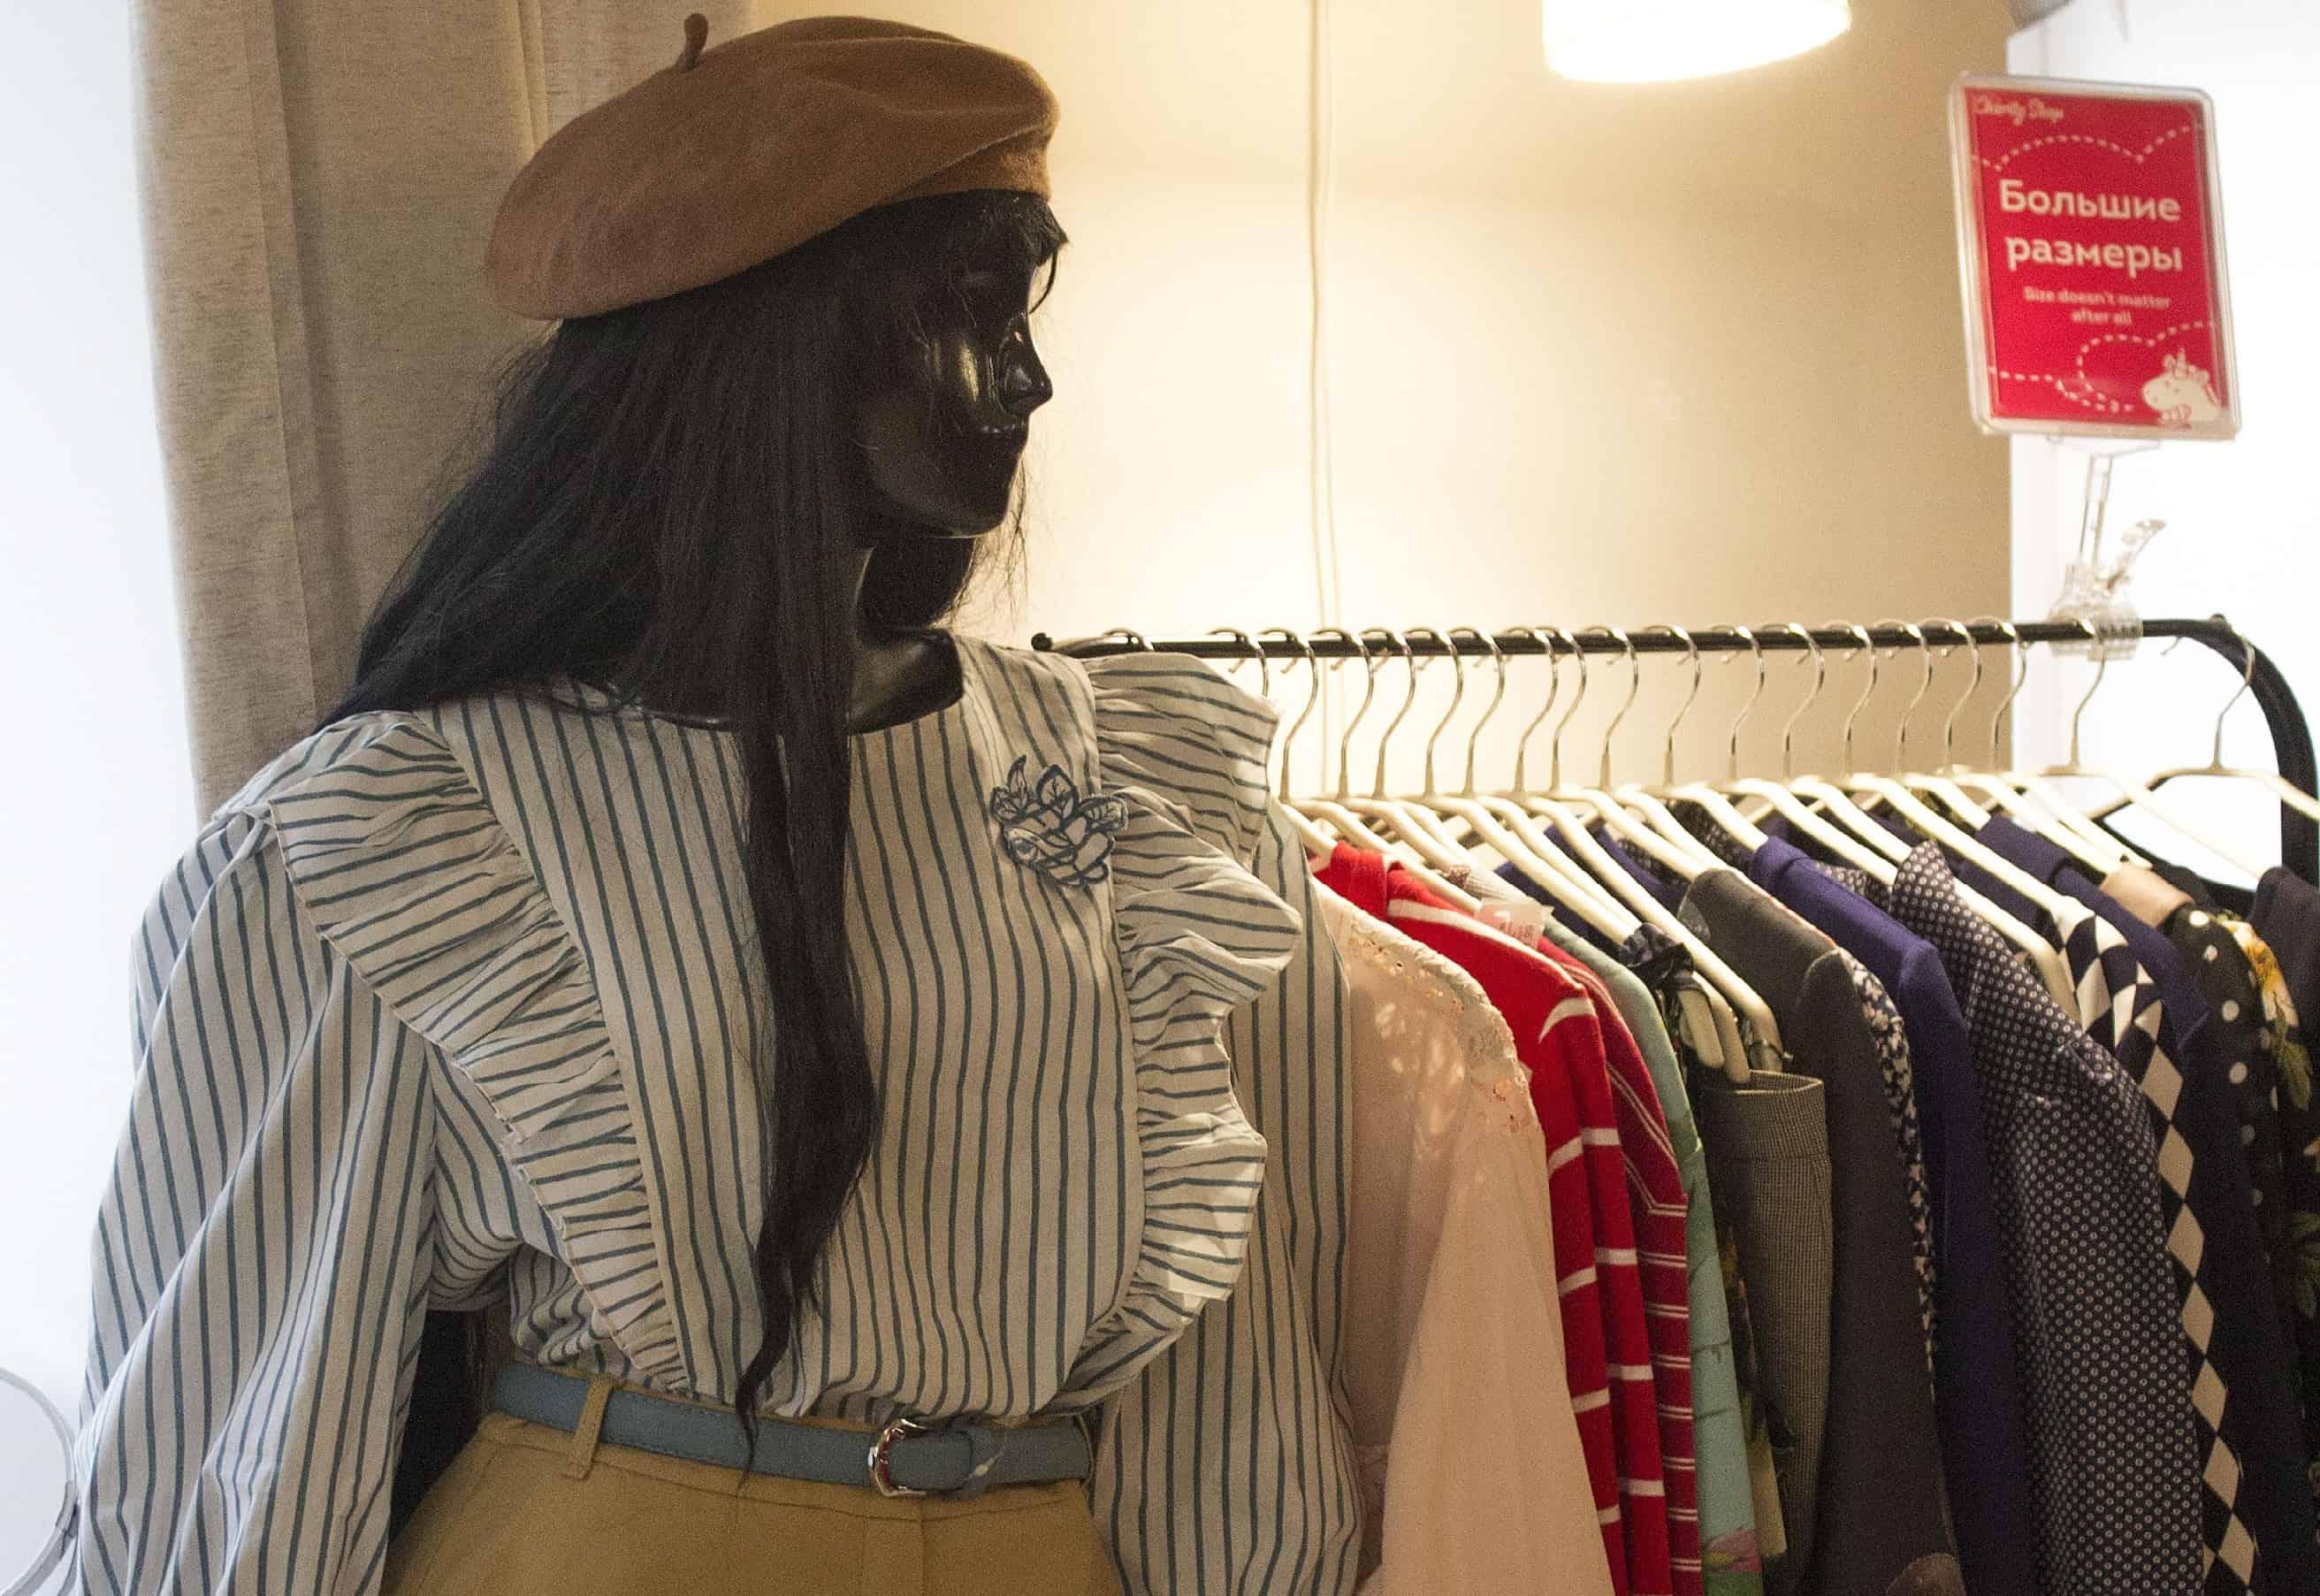 Charity Shop/Фото: Наталья Силакова charity shop Интервью с основательницей проекта «Charity shop» Дарьей Алексеевой